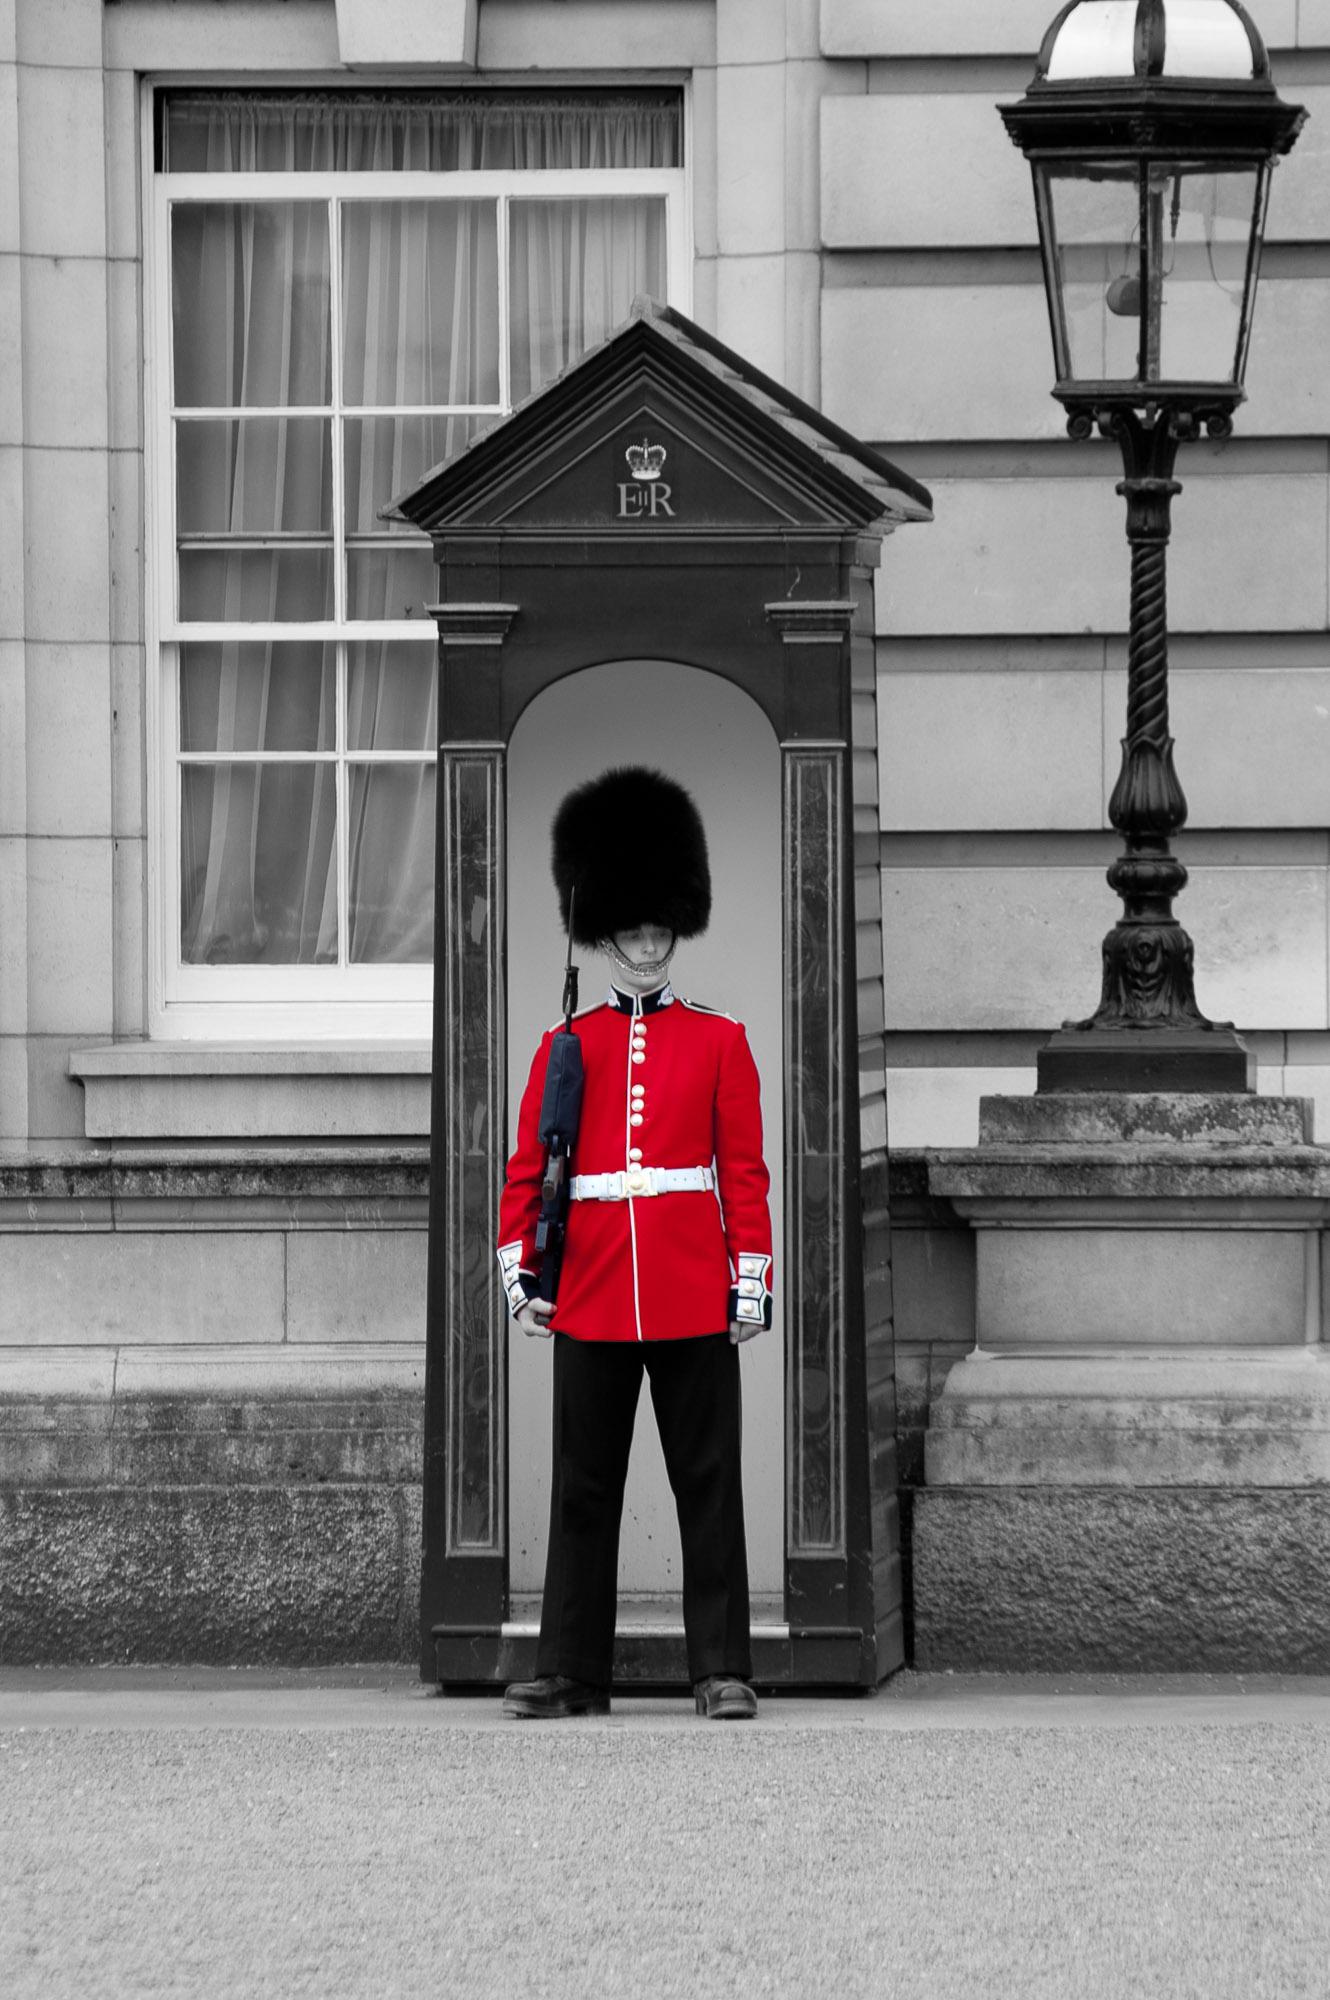 Guard I